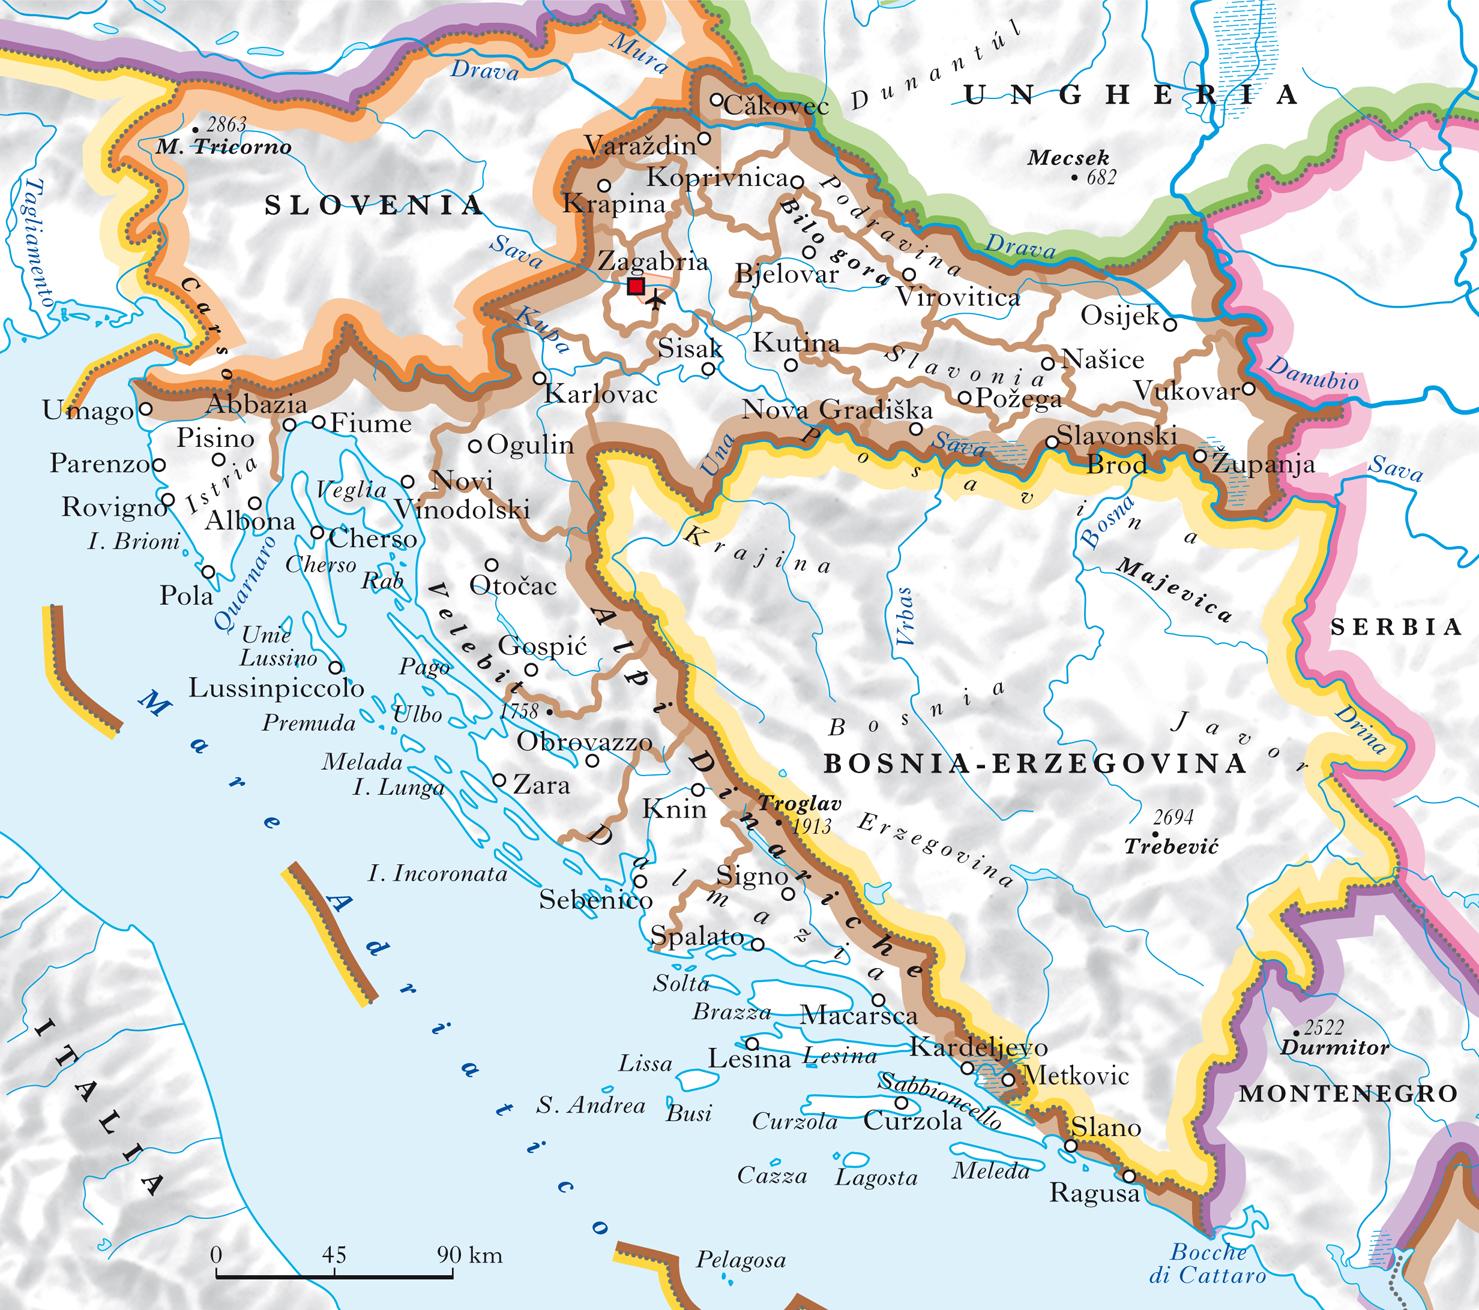 Cartina Geografica Ex Jugoslavia.Croazia In Atlante Geopolitico